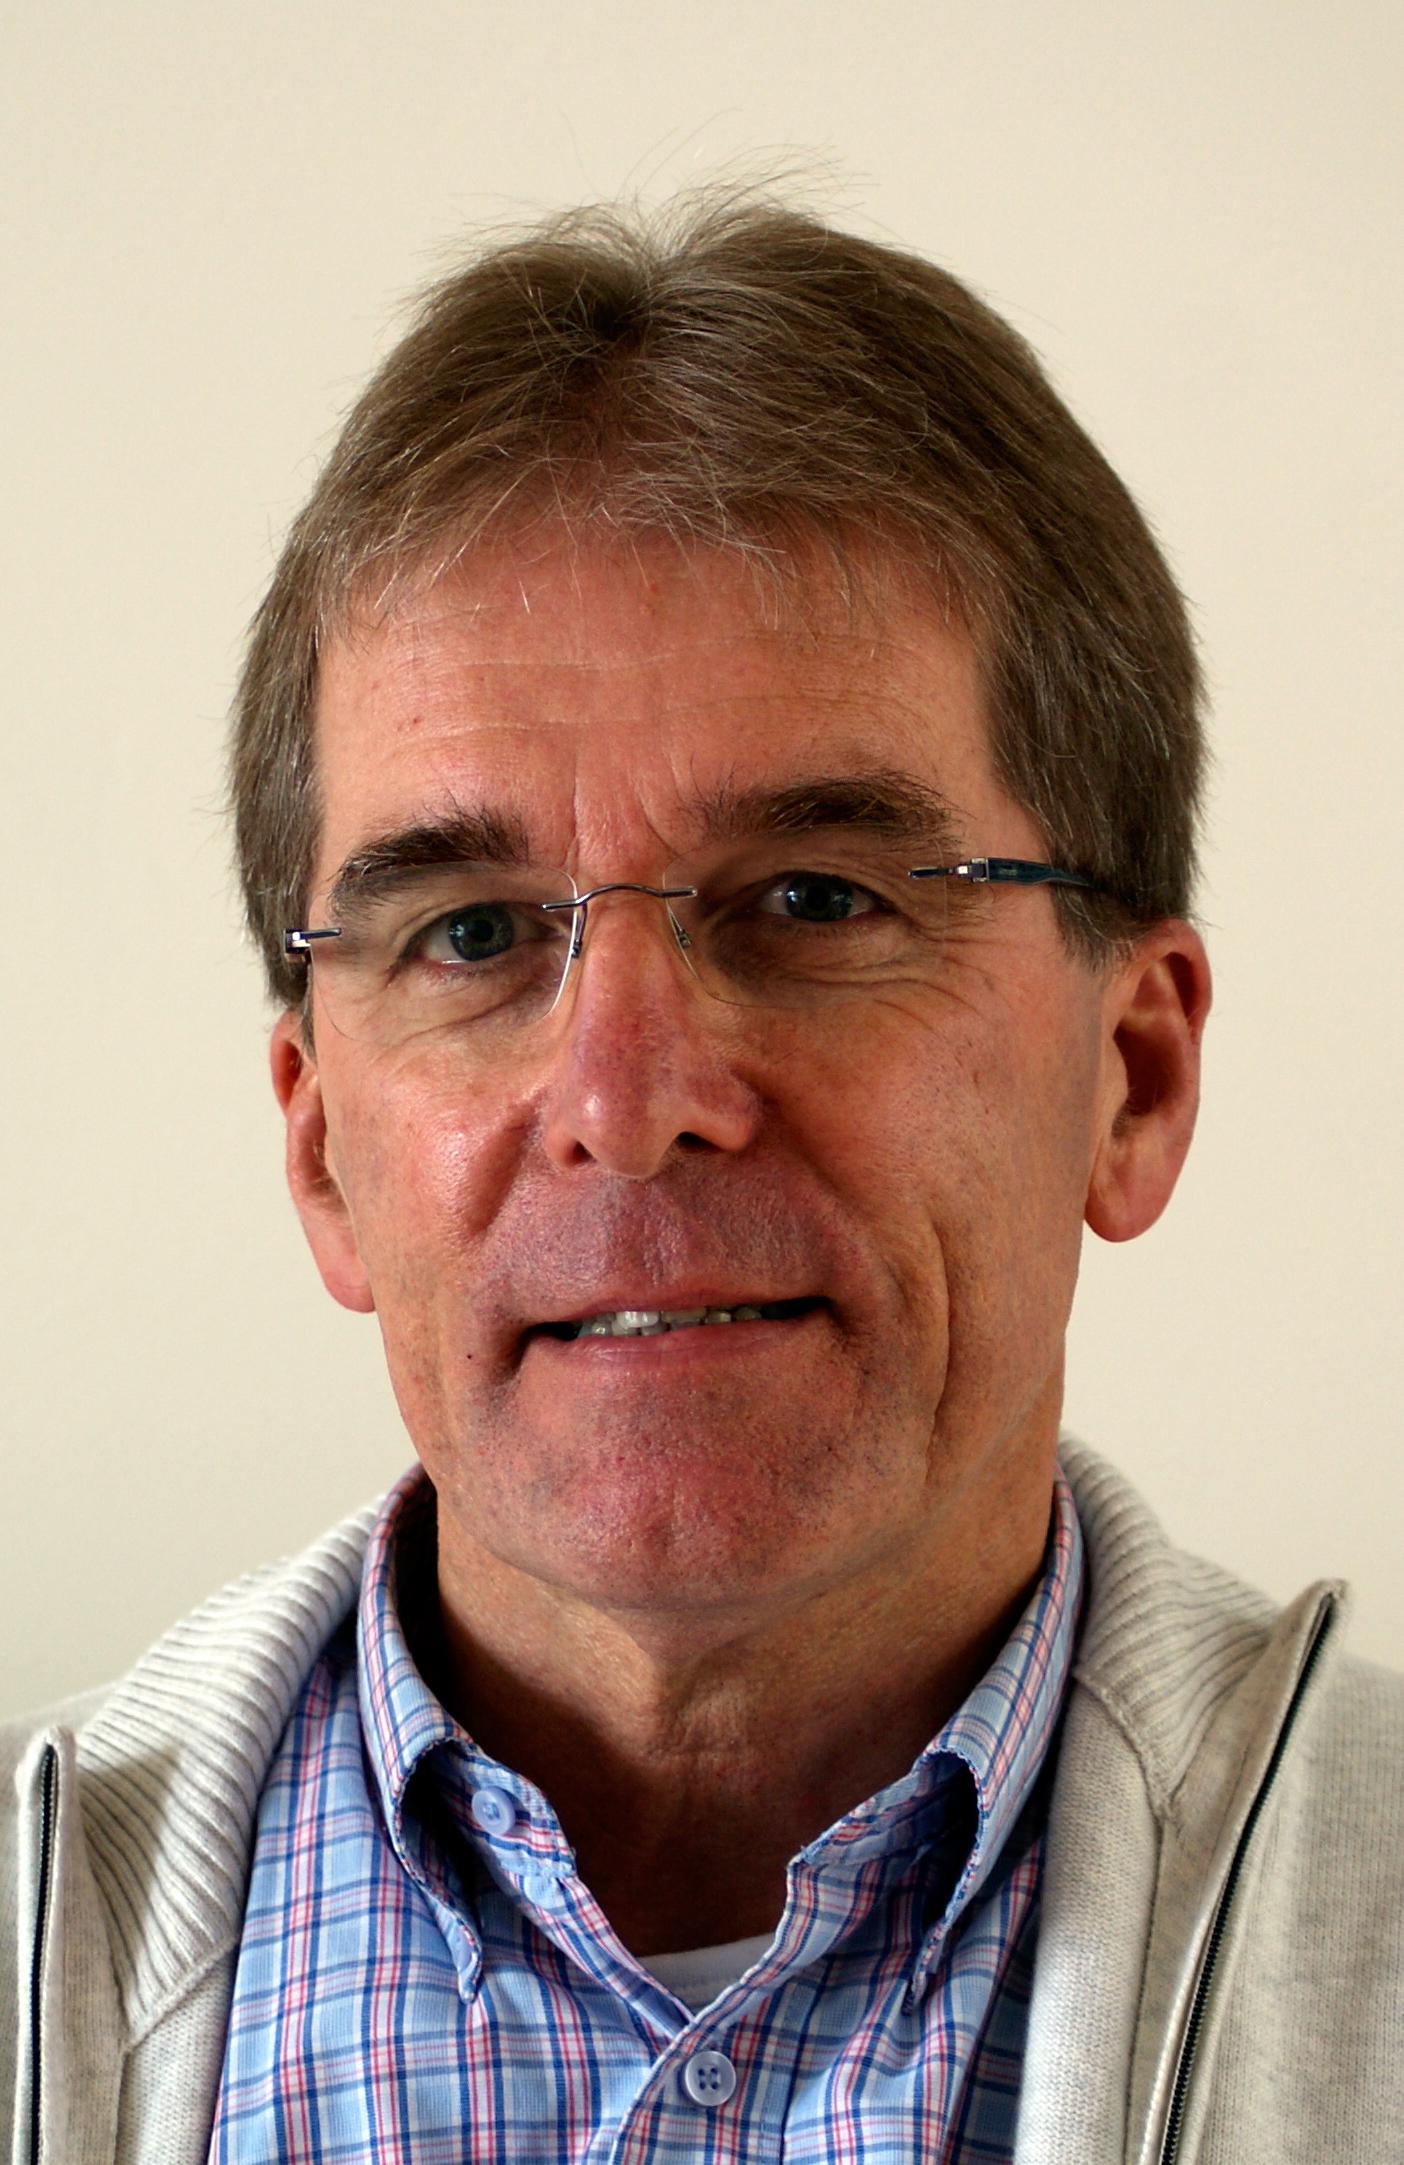 André van Boven